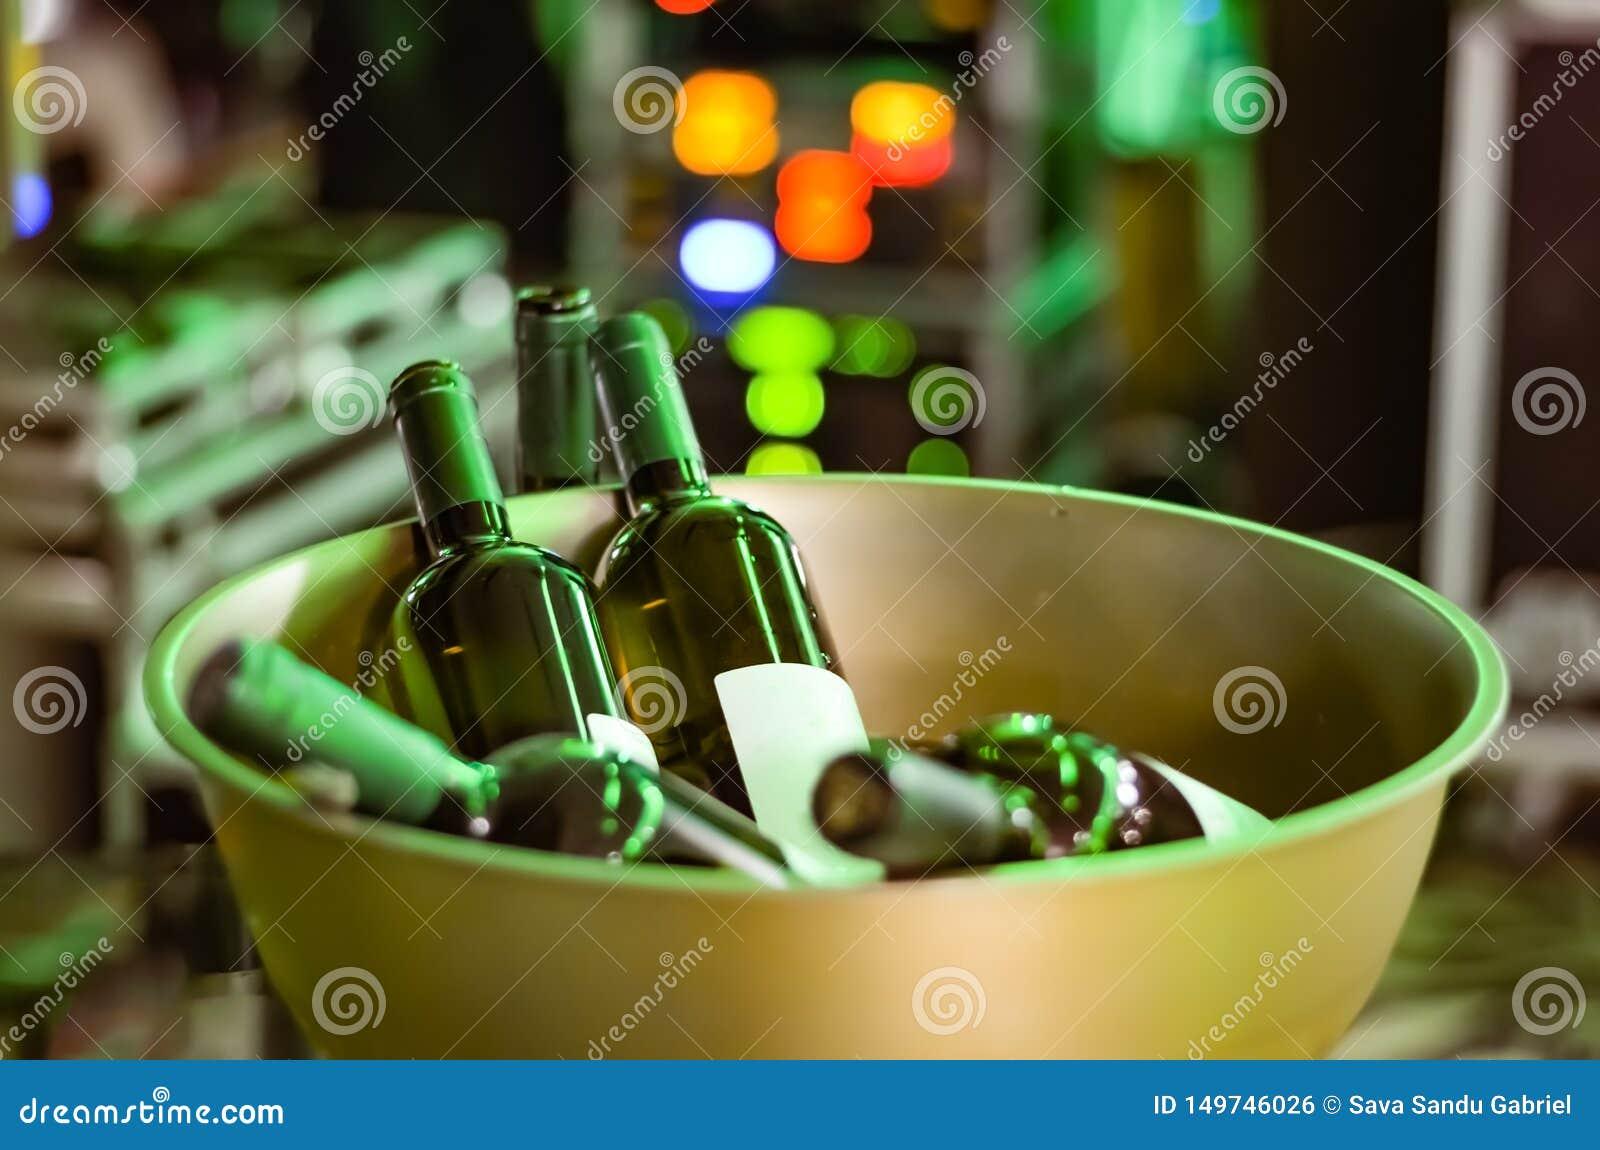 Τα μπουκάλια του κρασιού κλειστά σε έναν χρυσό σίδηρο ανοξείδωτου κυλούν σε ένα κόμμα - το γεγονός στο α το υπόβαθρο πράσινων φώτ